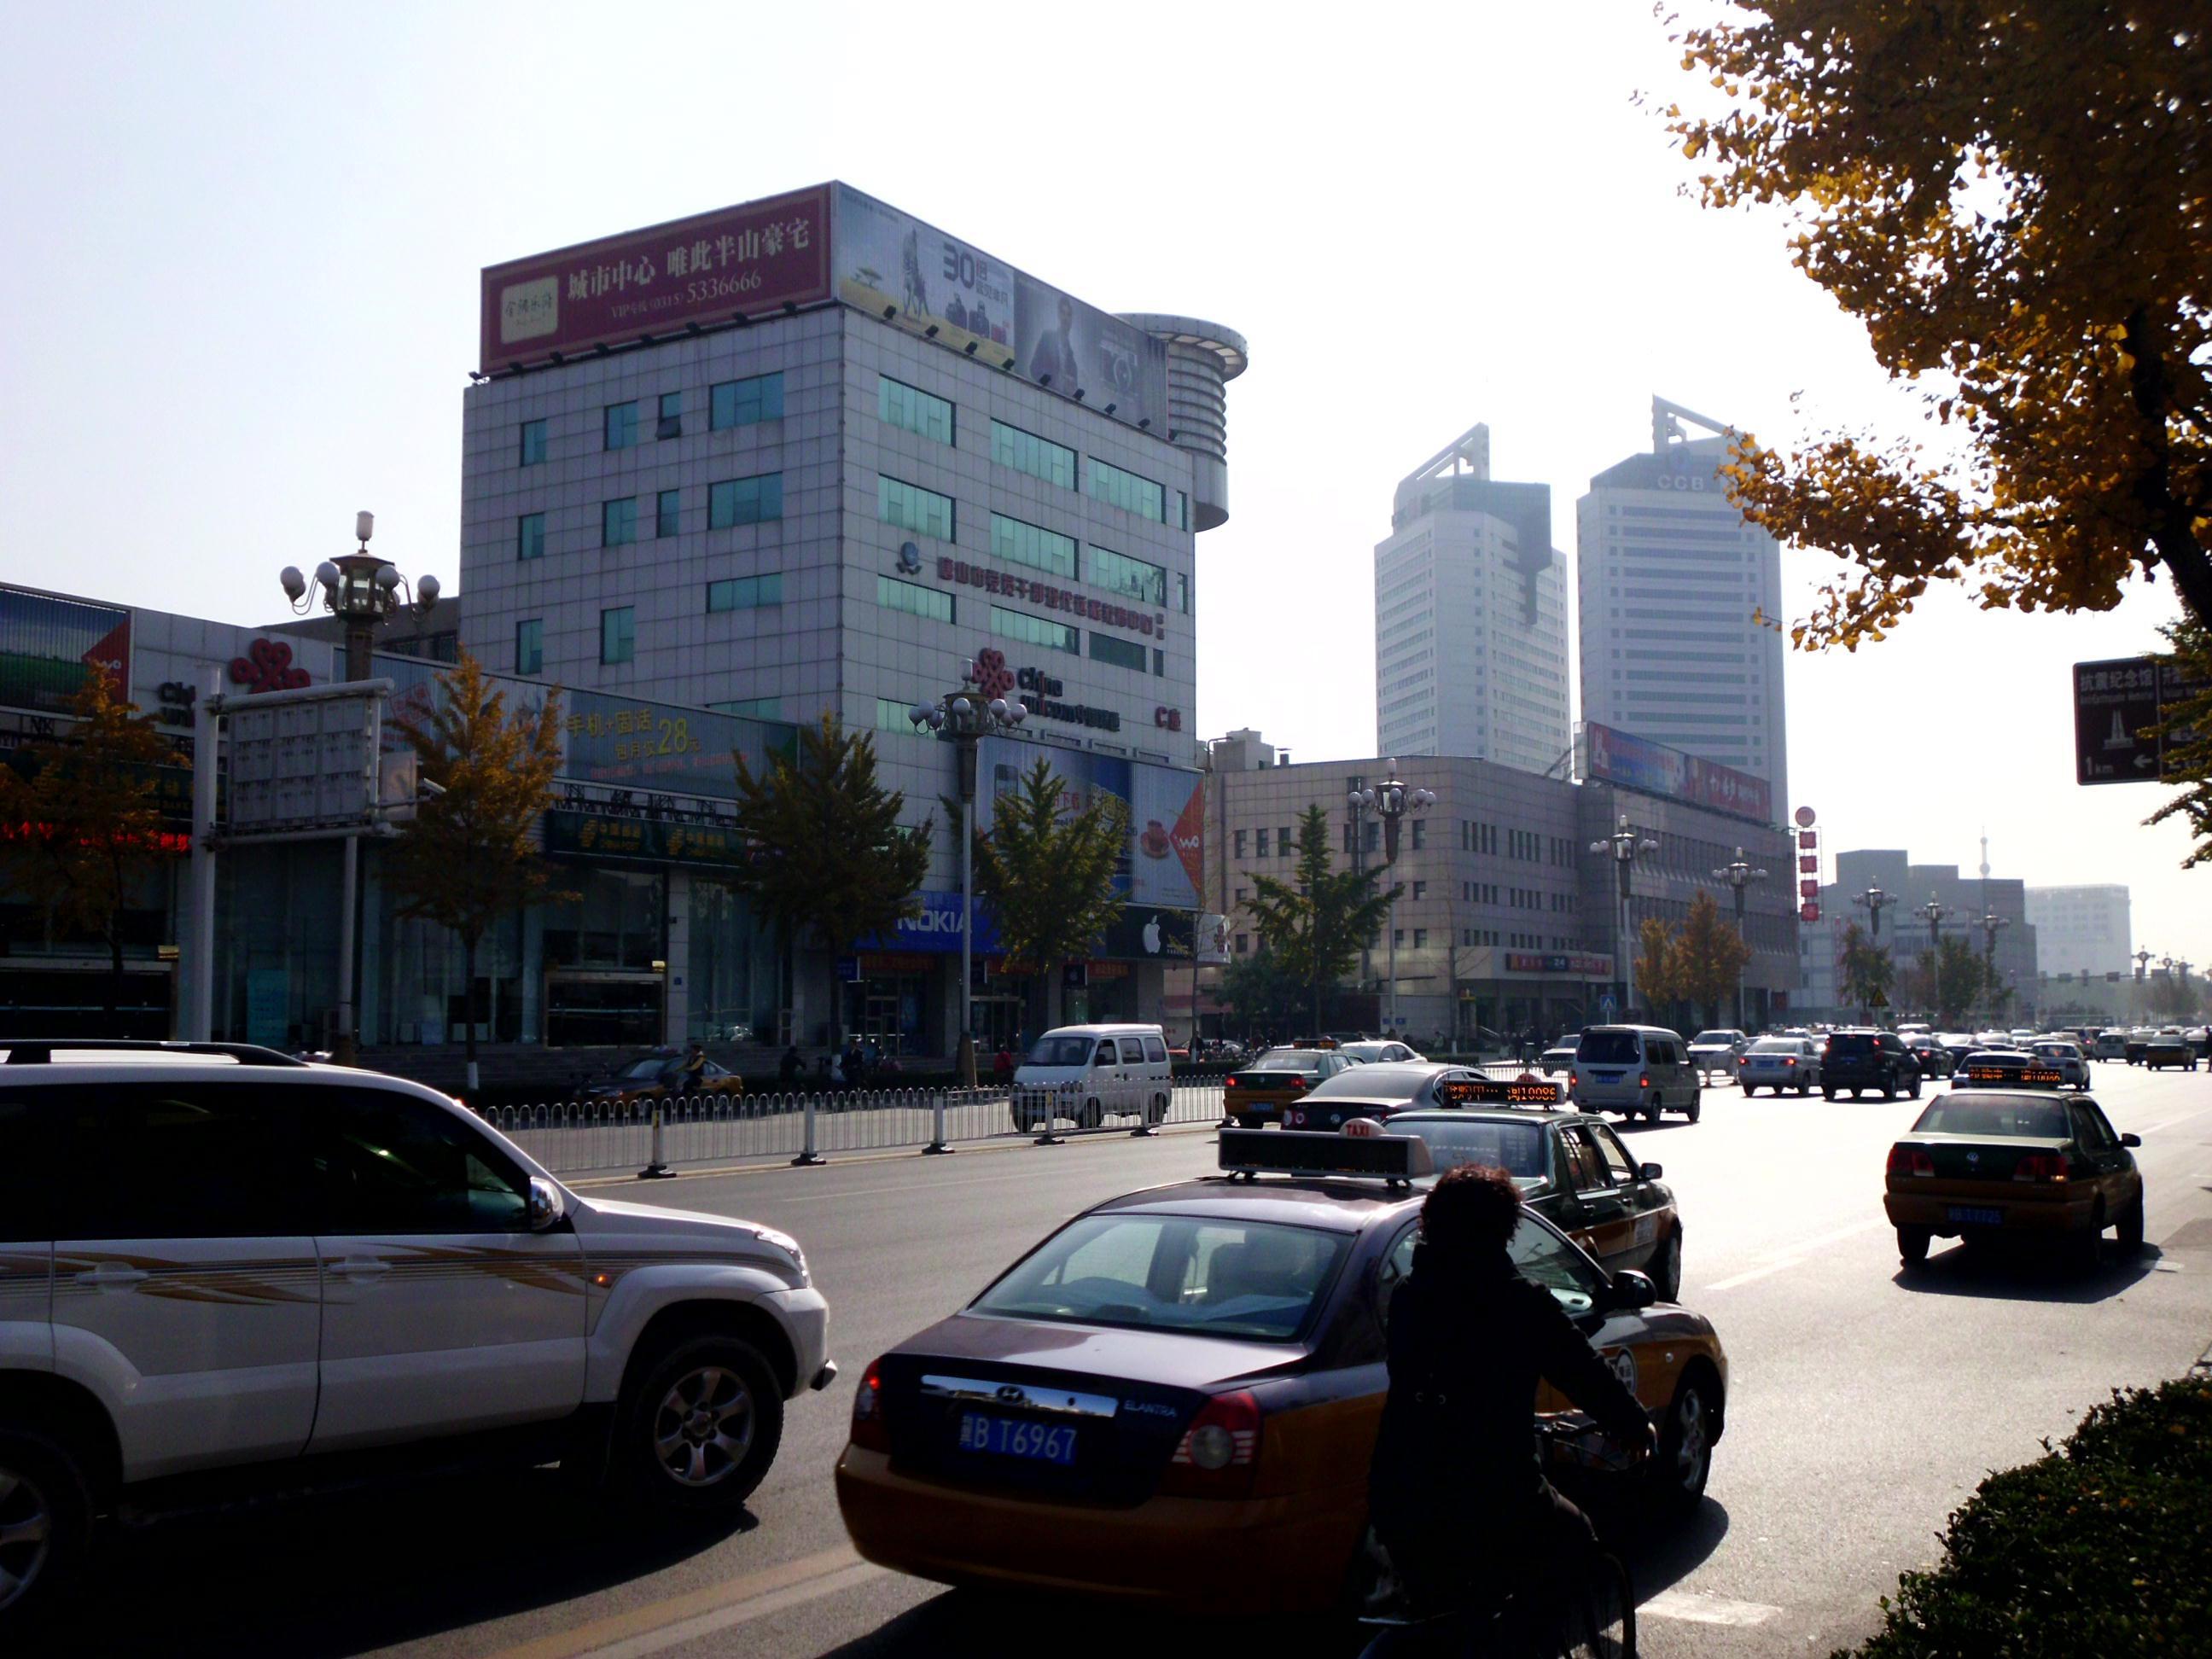 唐山市新华道与建设路交口联通大楼楼顶